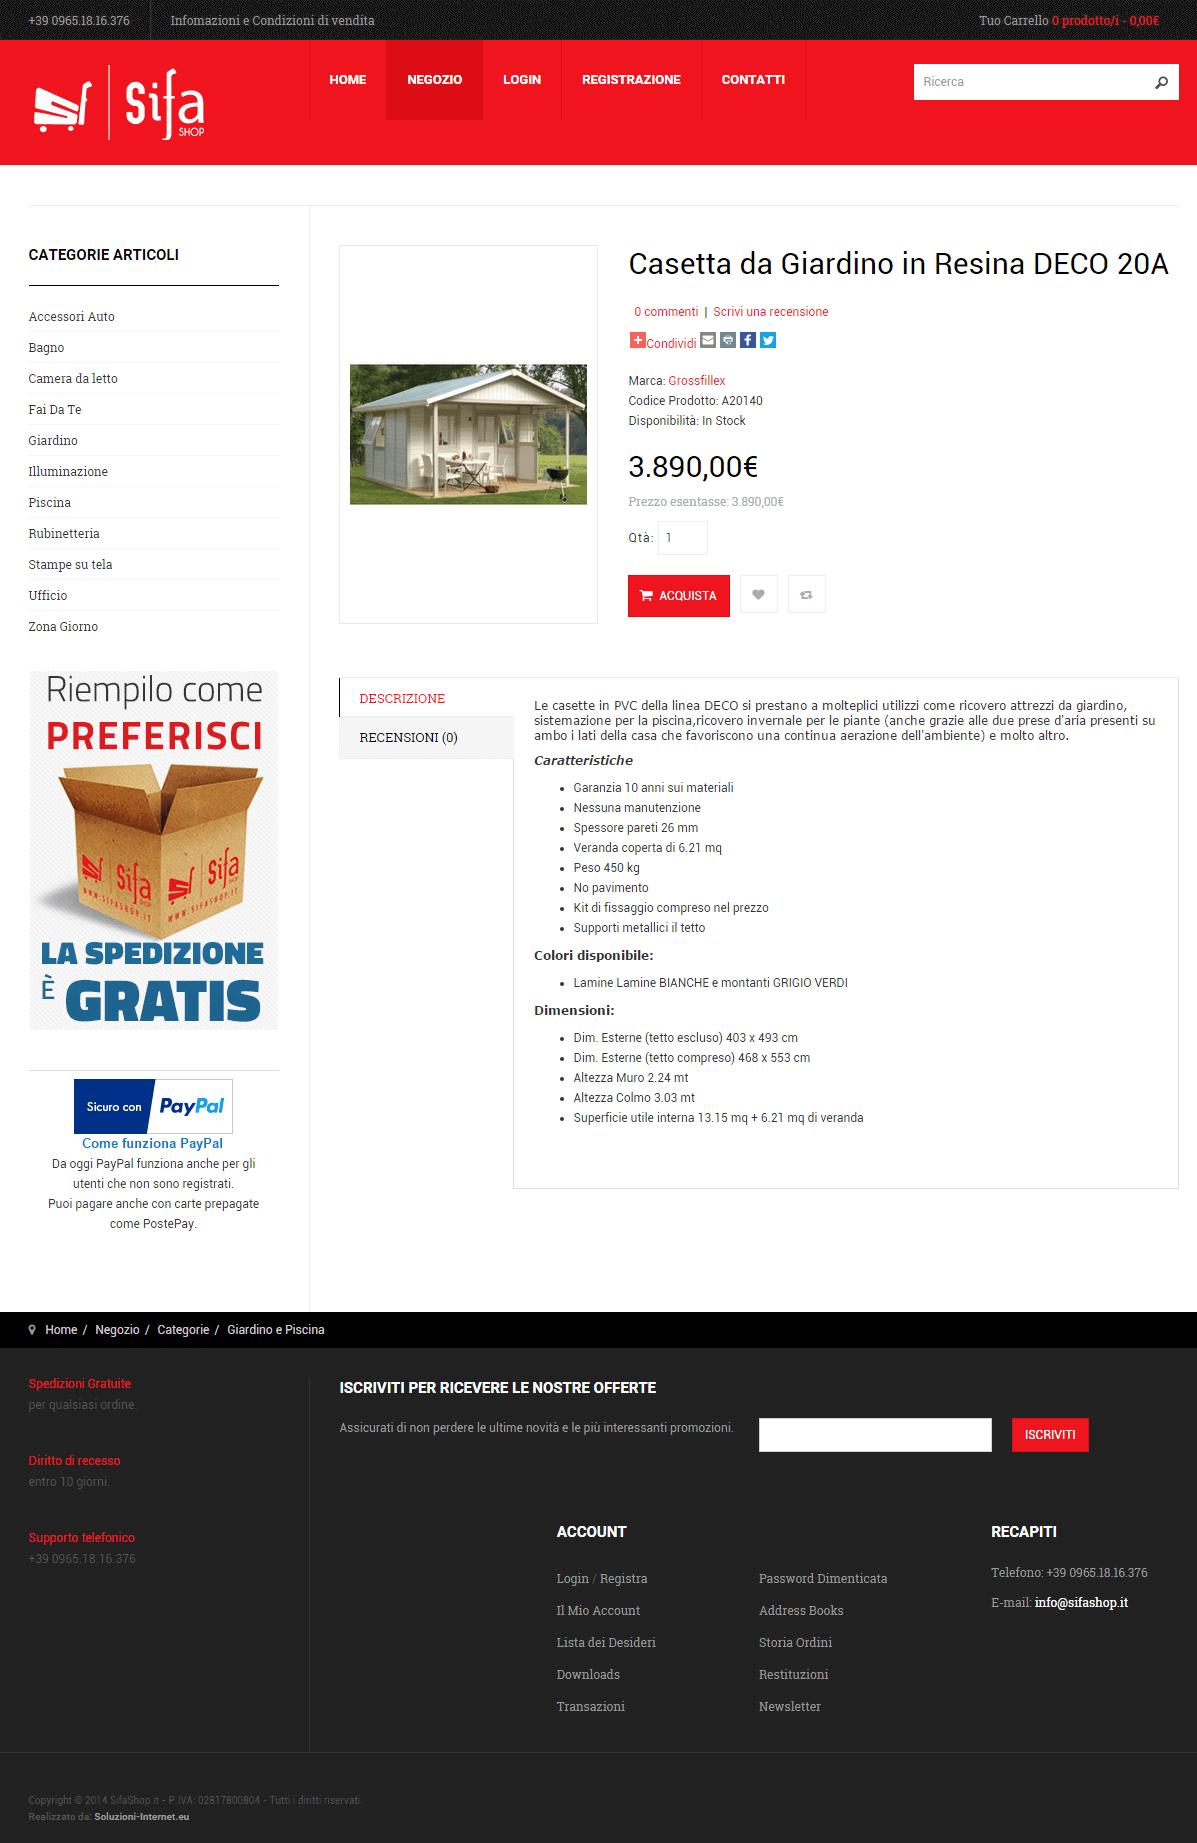 SiFa Shop - Pagina dettaglio prodotto